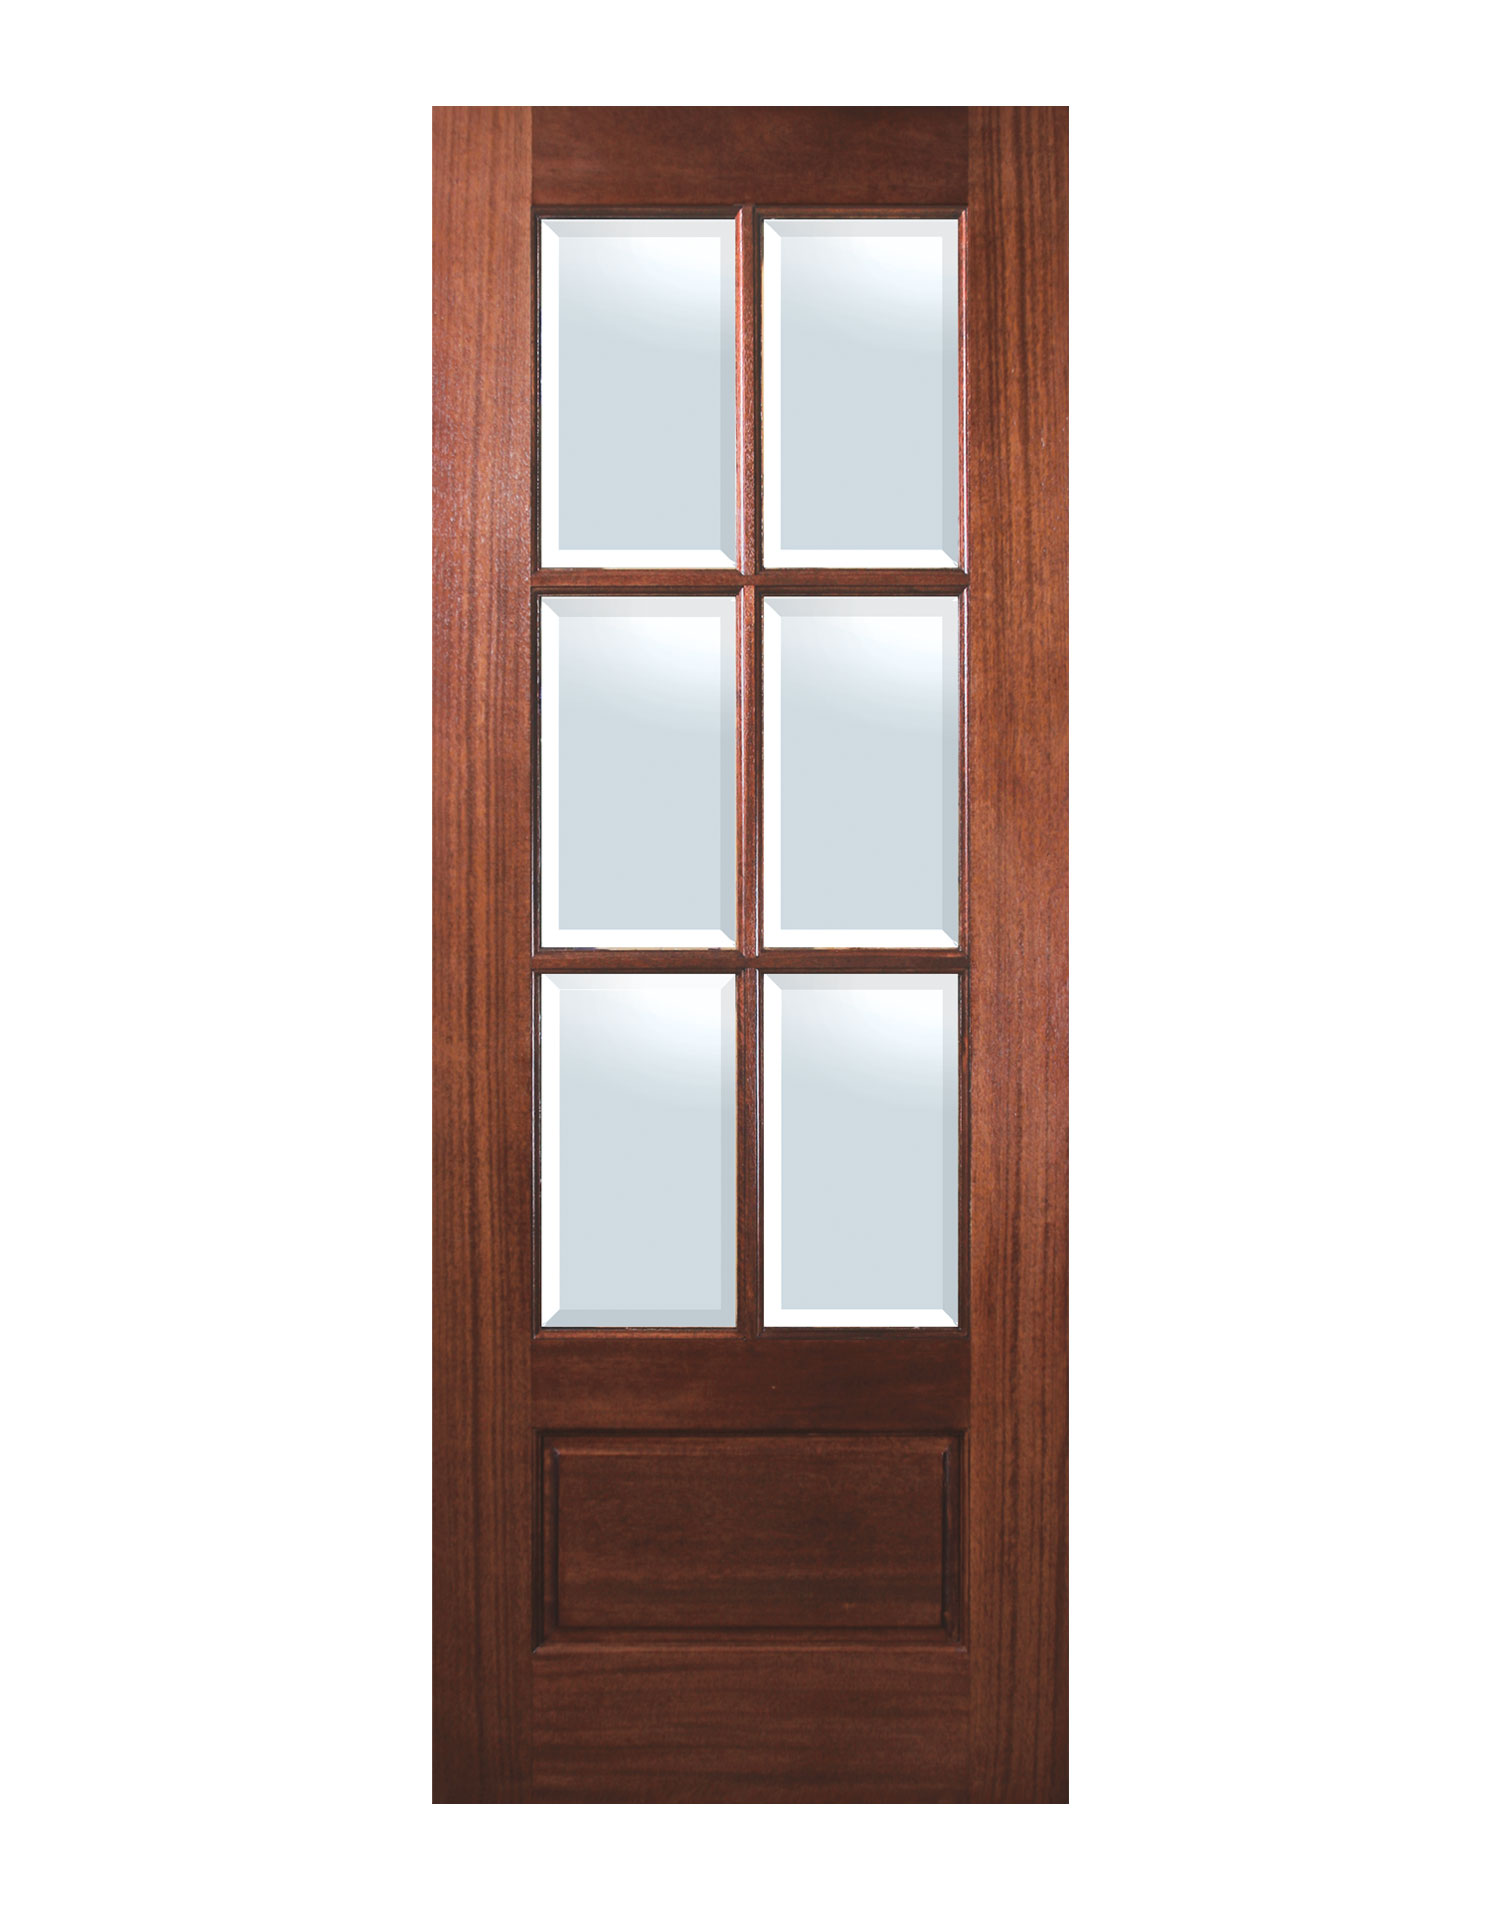 Mahogany Front Door With Glass Home - Front Doors